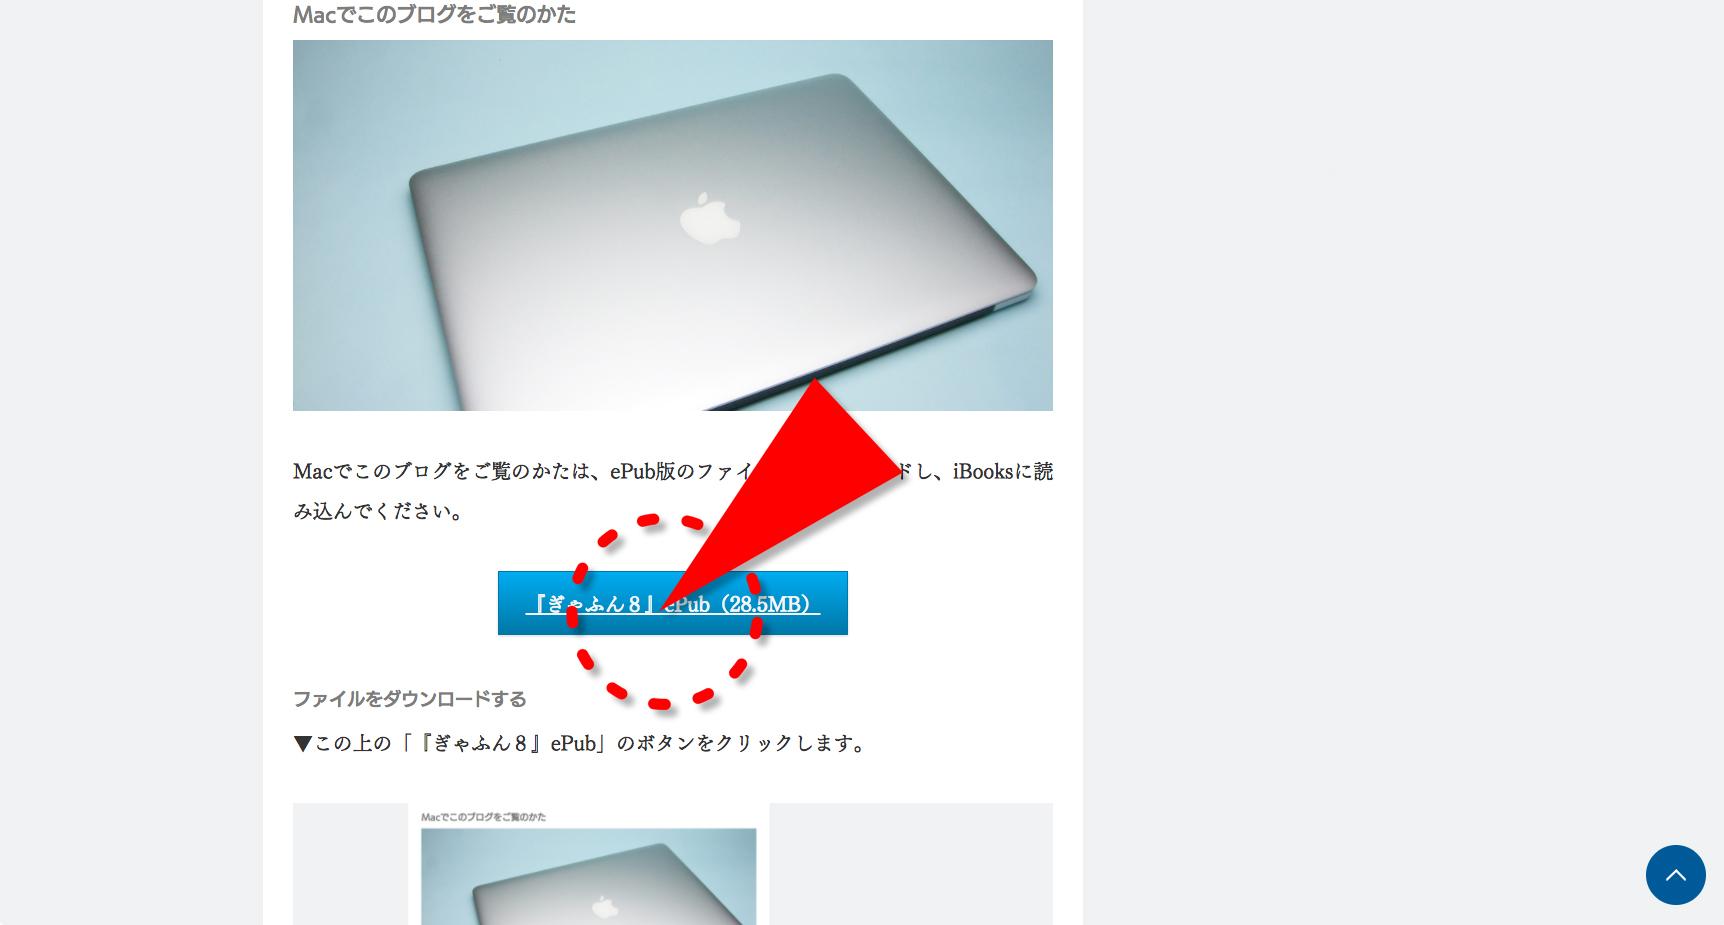 Macのプロセス01